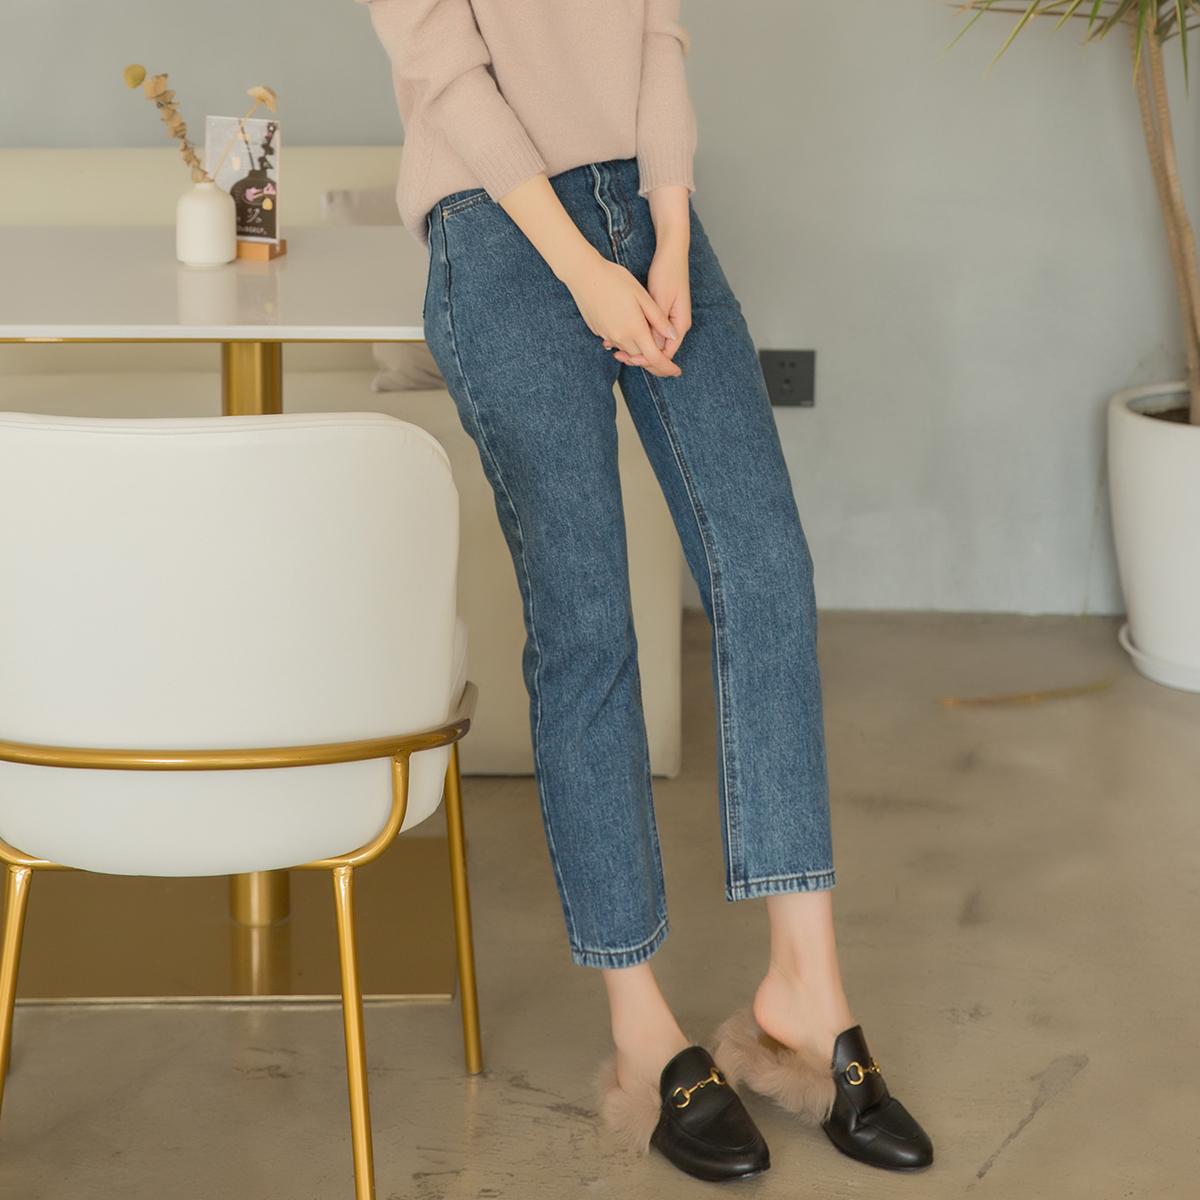 九分牛仔裤女小脚裤2020秋冬新款复古蓝色高腰直筒裤子显瘦锥形裤